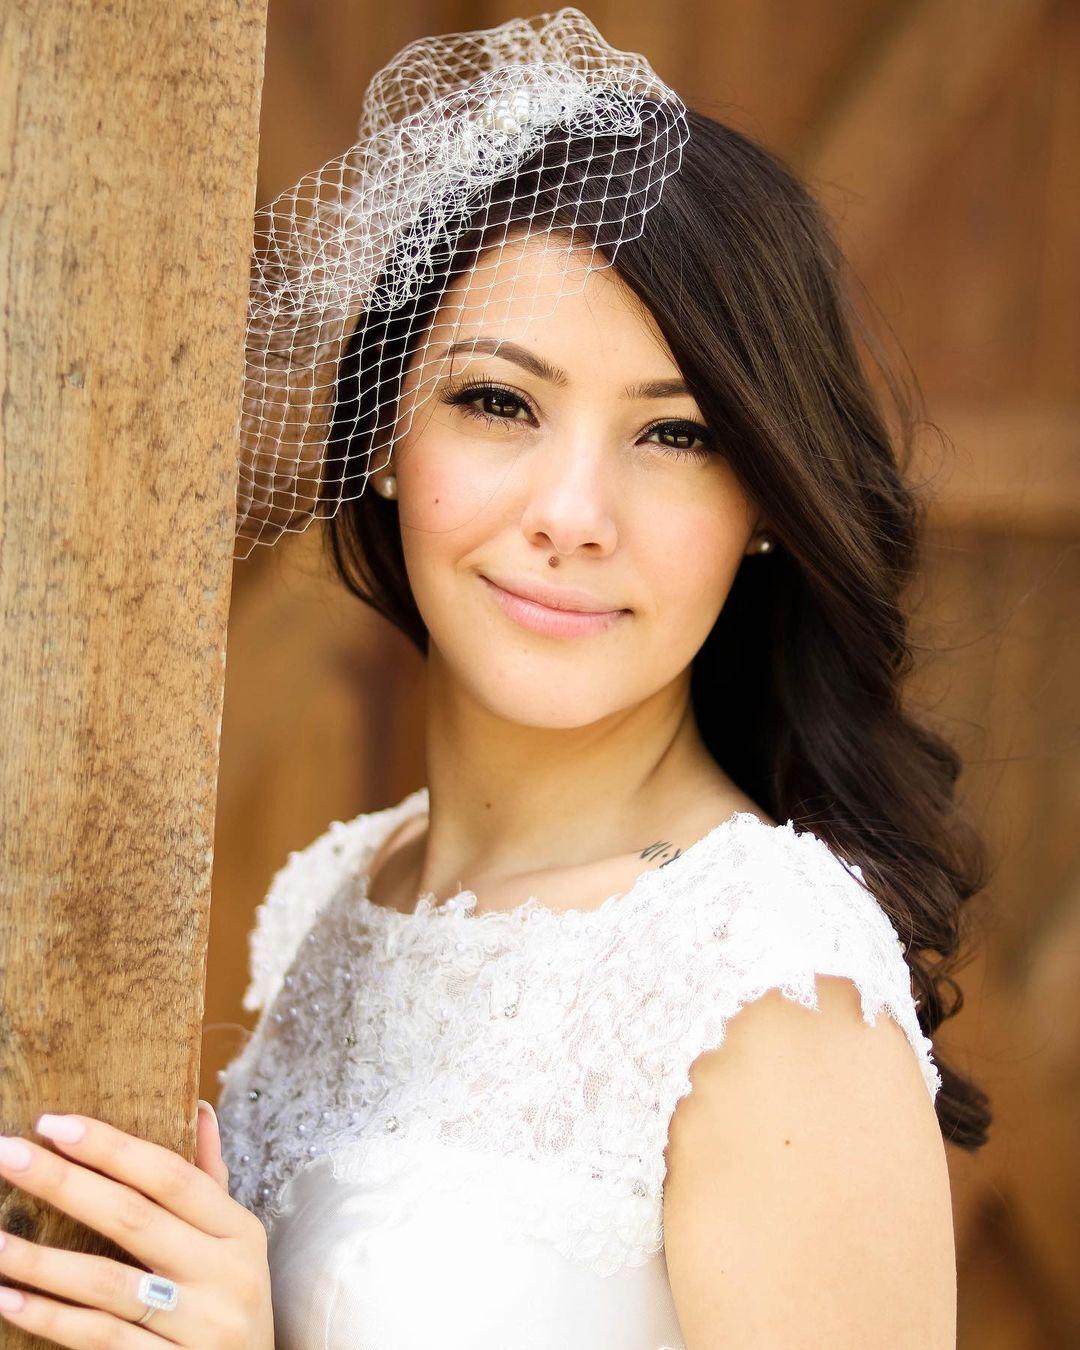 Синтія Лопес у весільній сукні